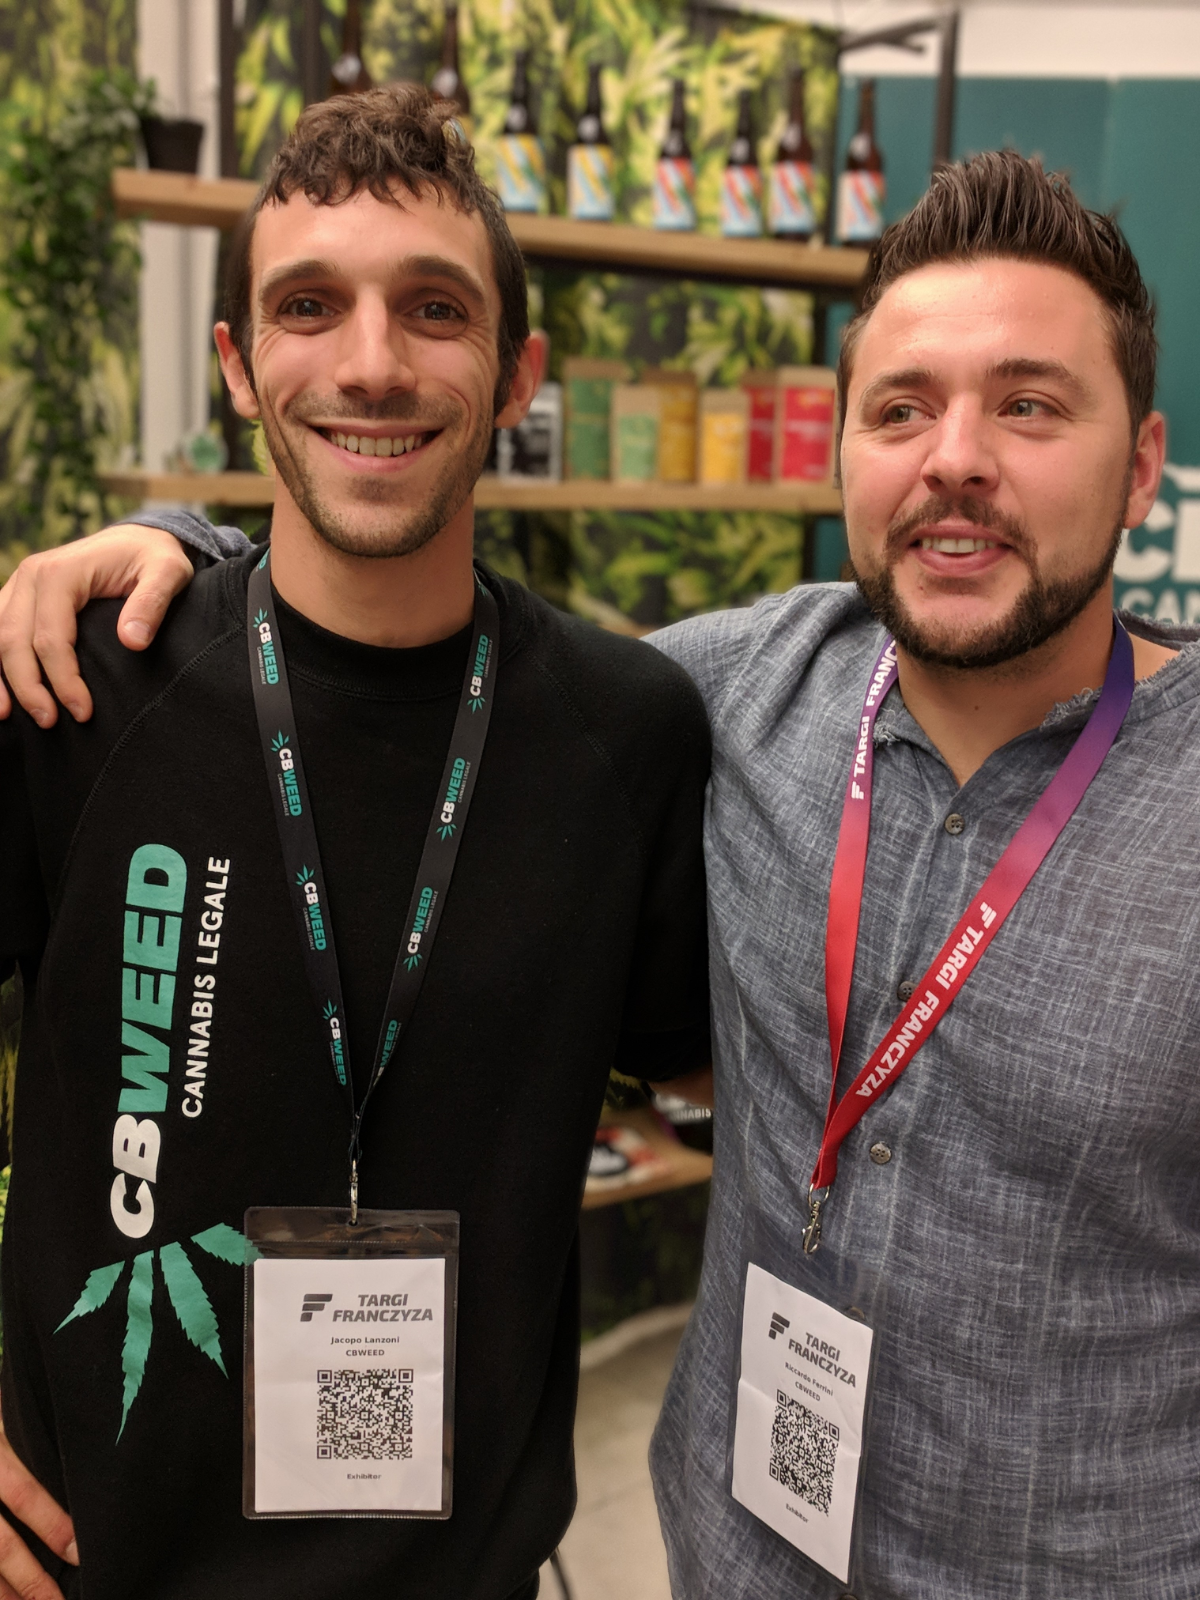 Jacopo i Riccardo, vlasnici i najbolji promotori branda Cbweed